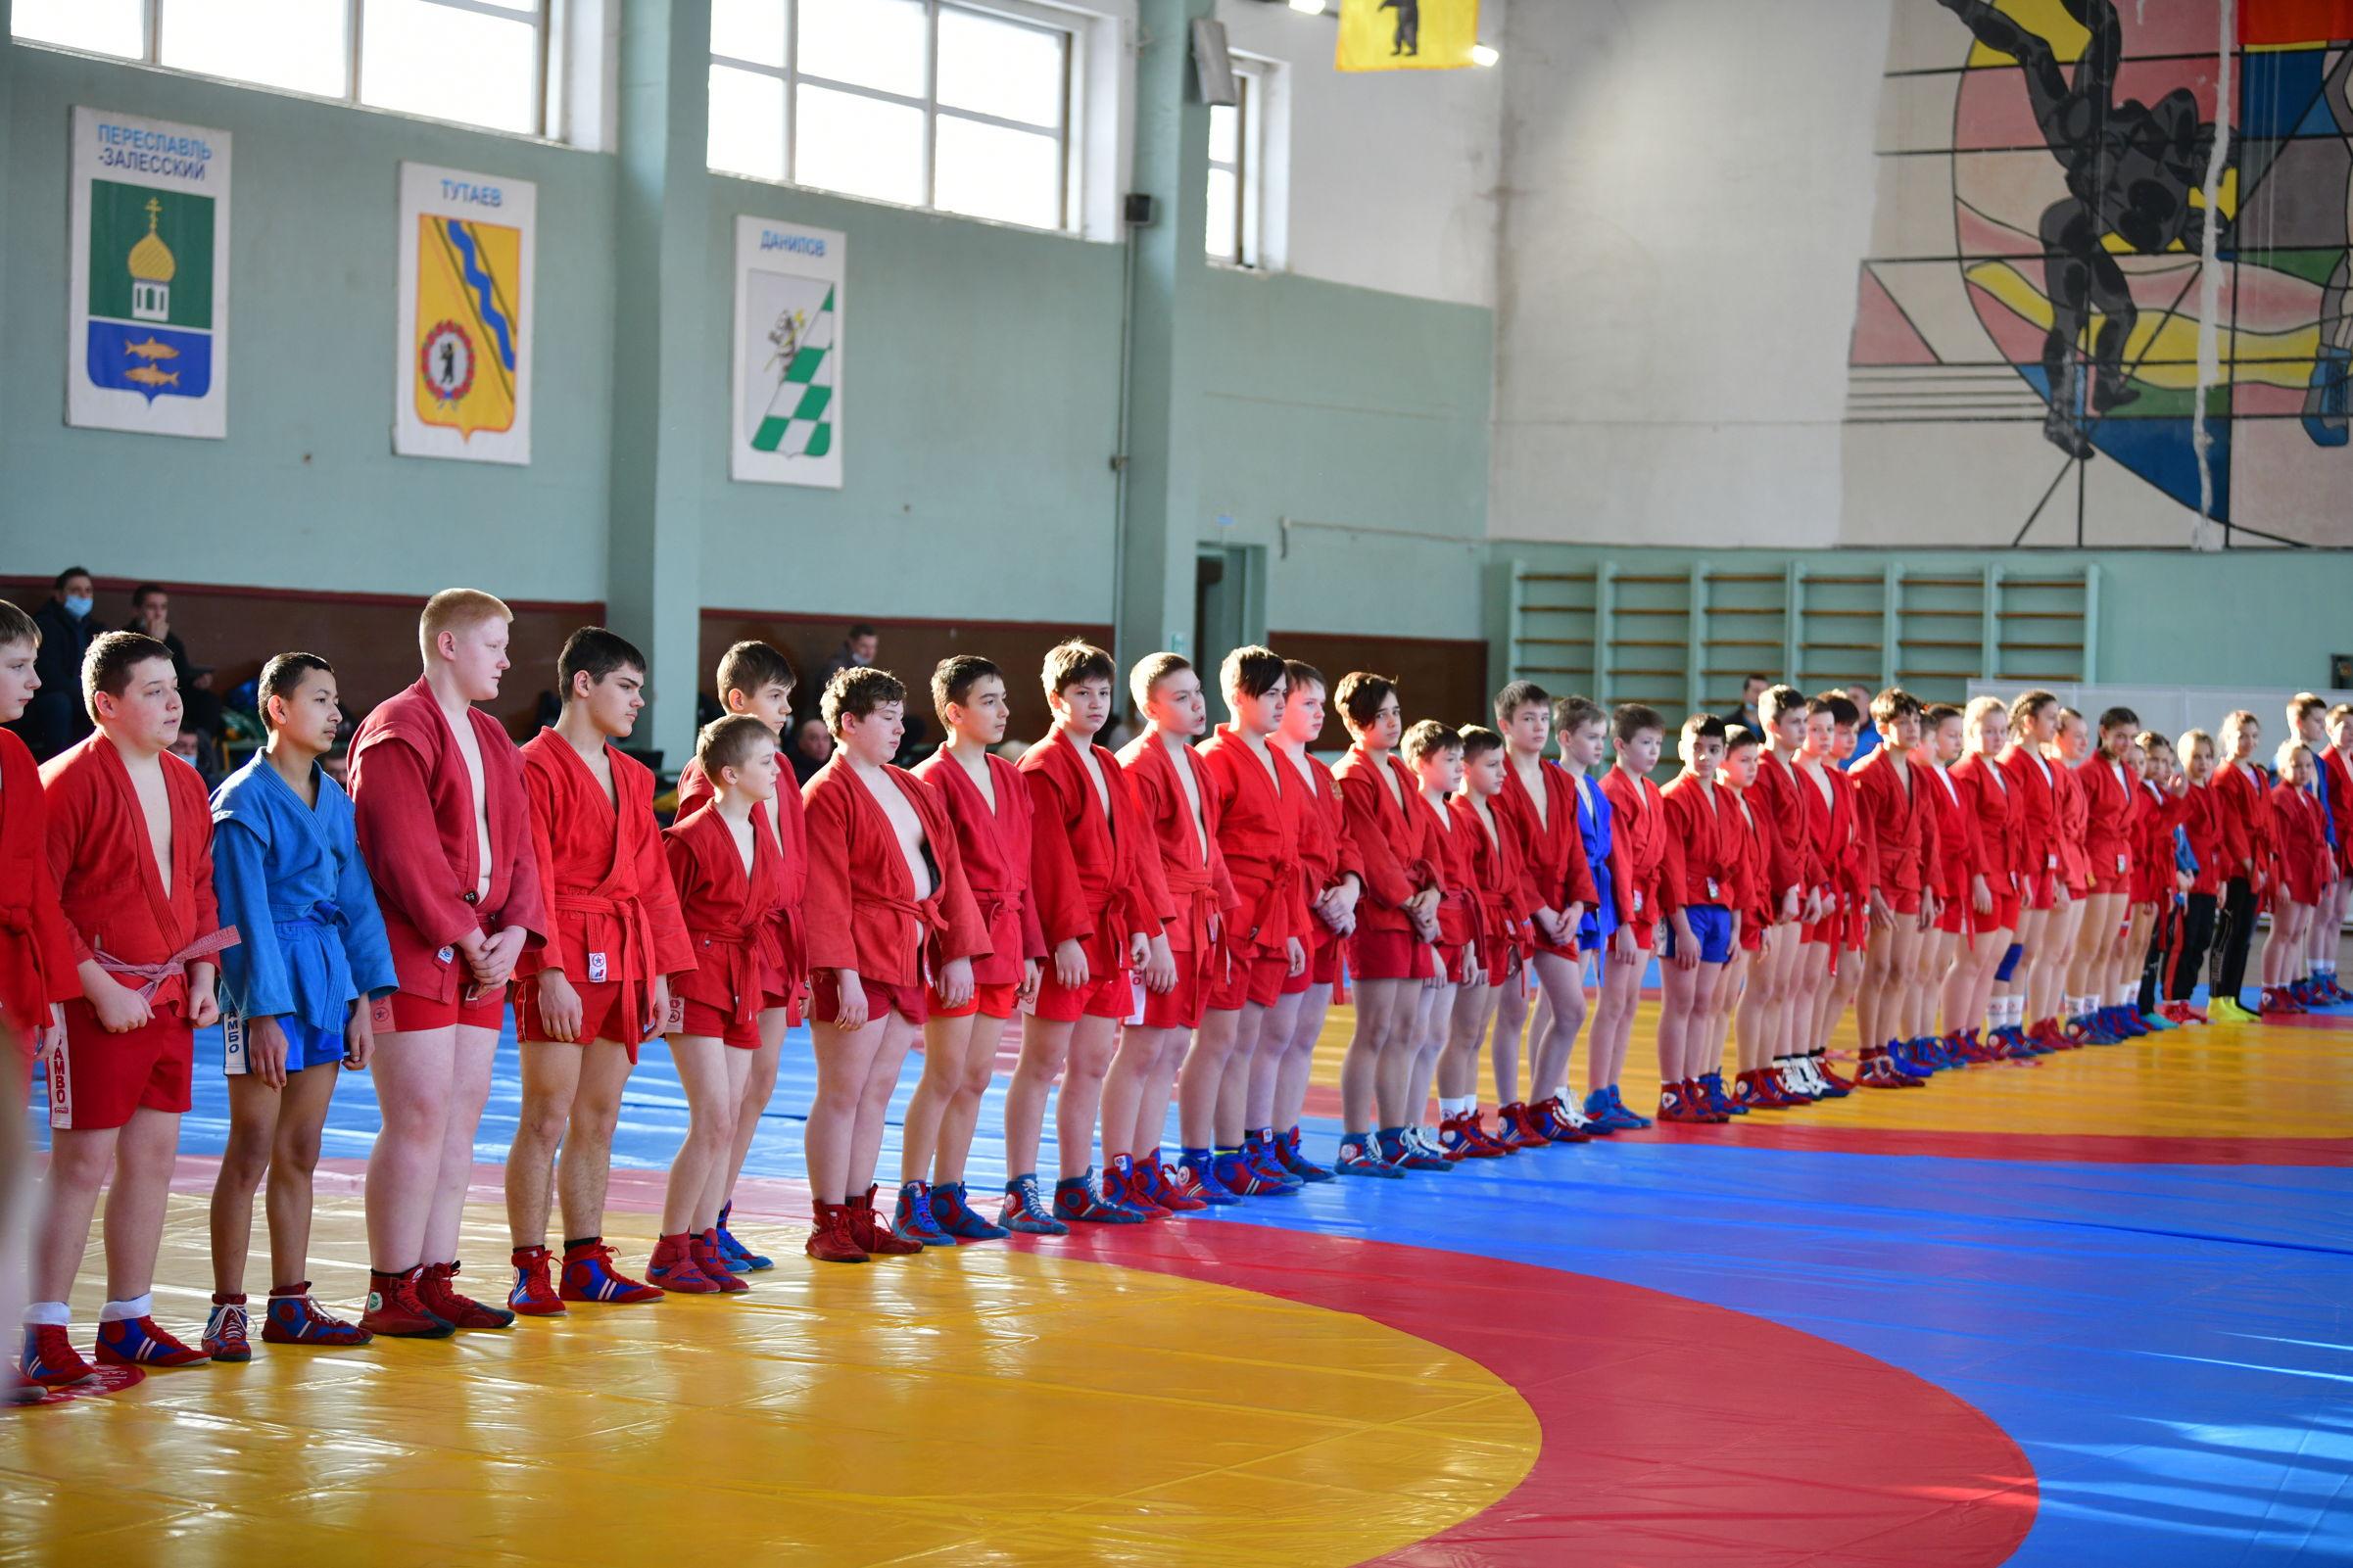 Ярославские самбисты вновь покажут себя на соревнованиях